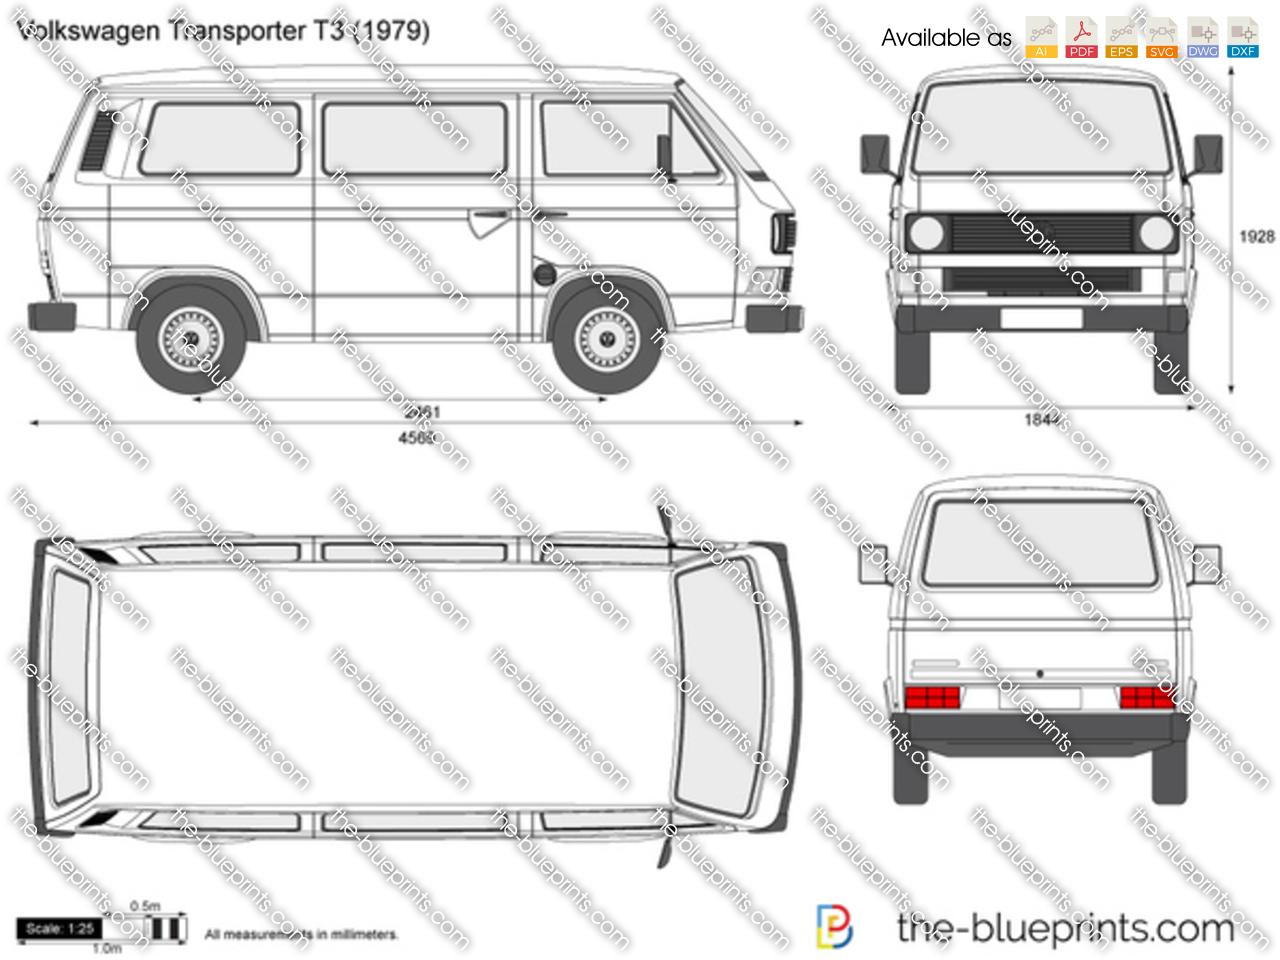 Volkswagen Transporter T3 1982